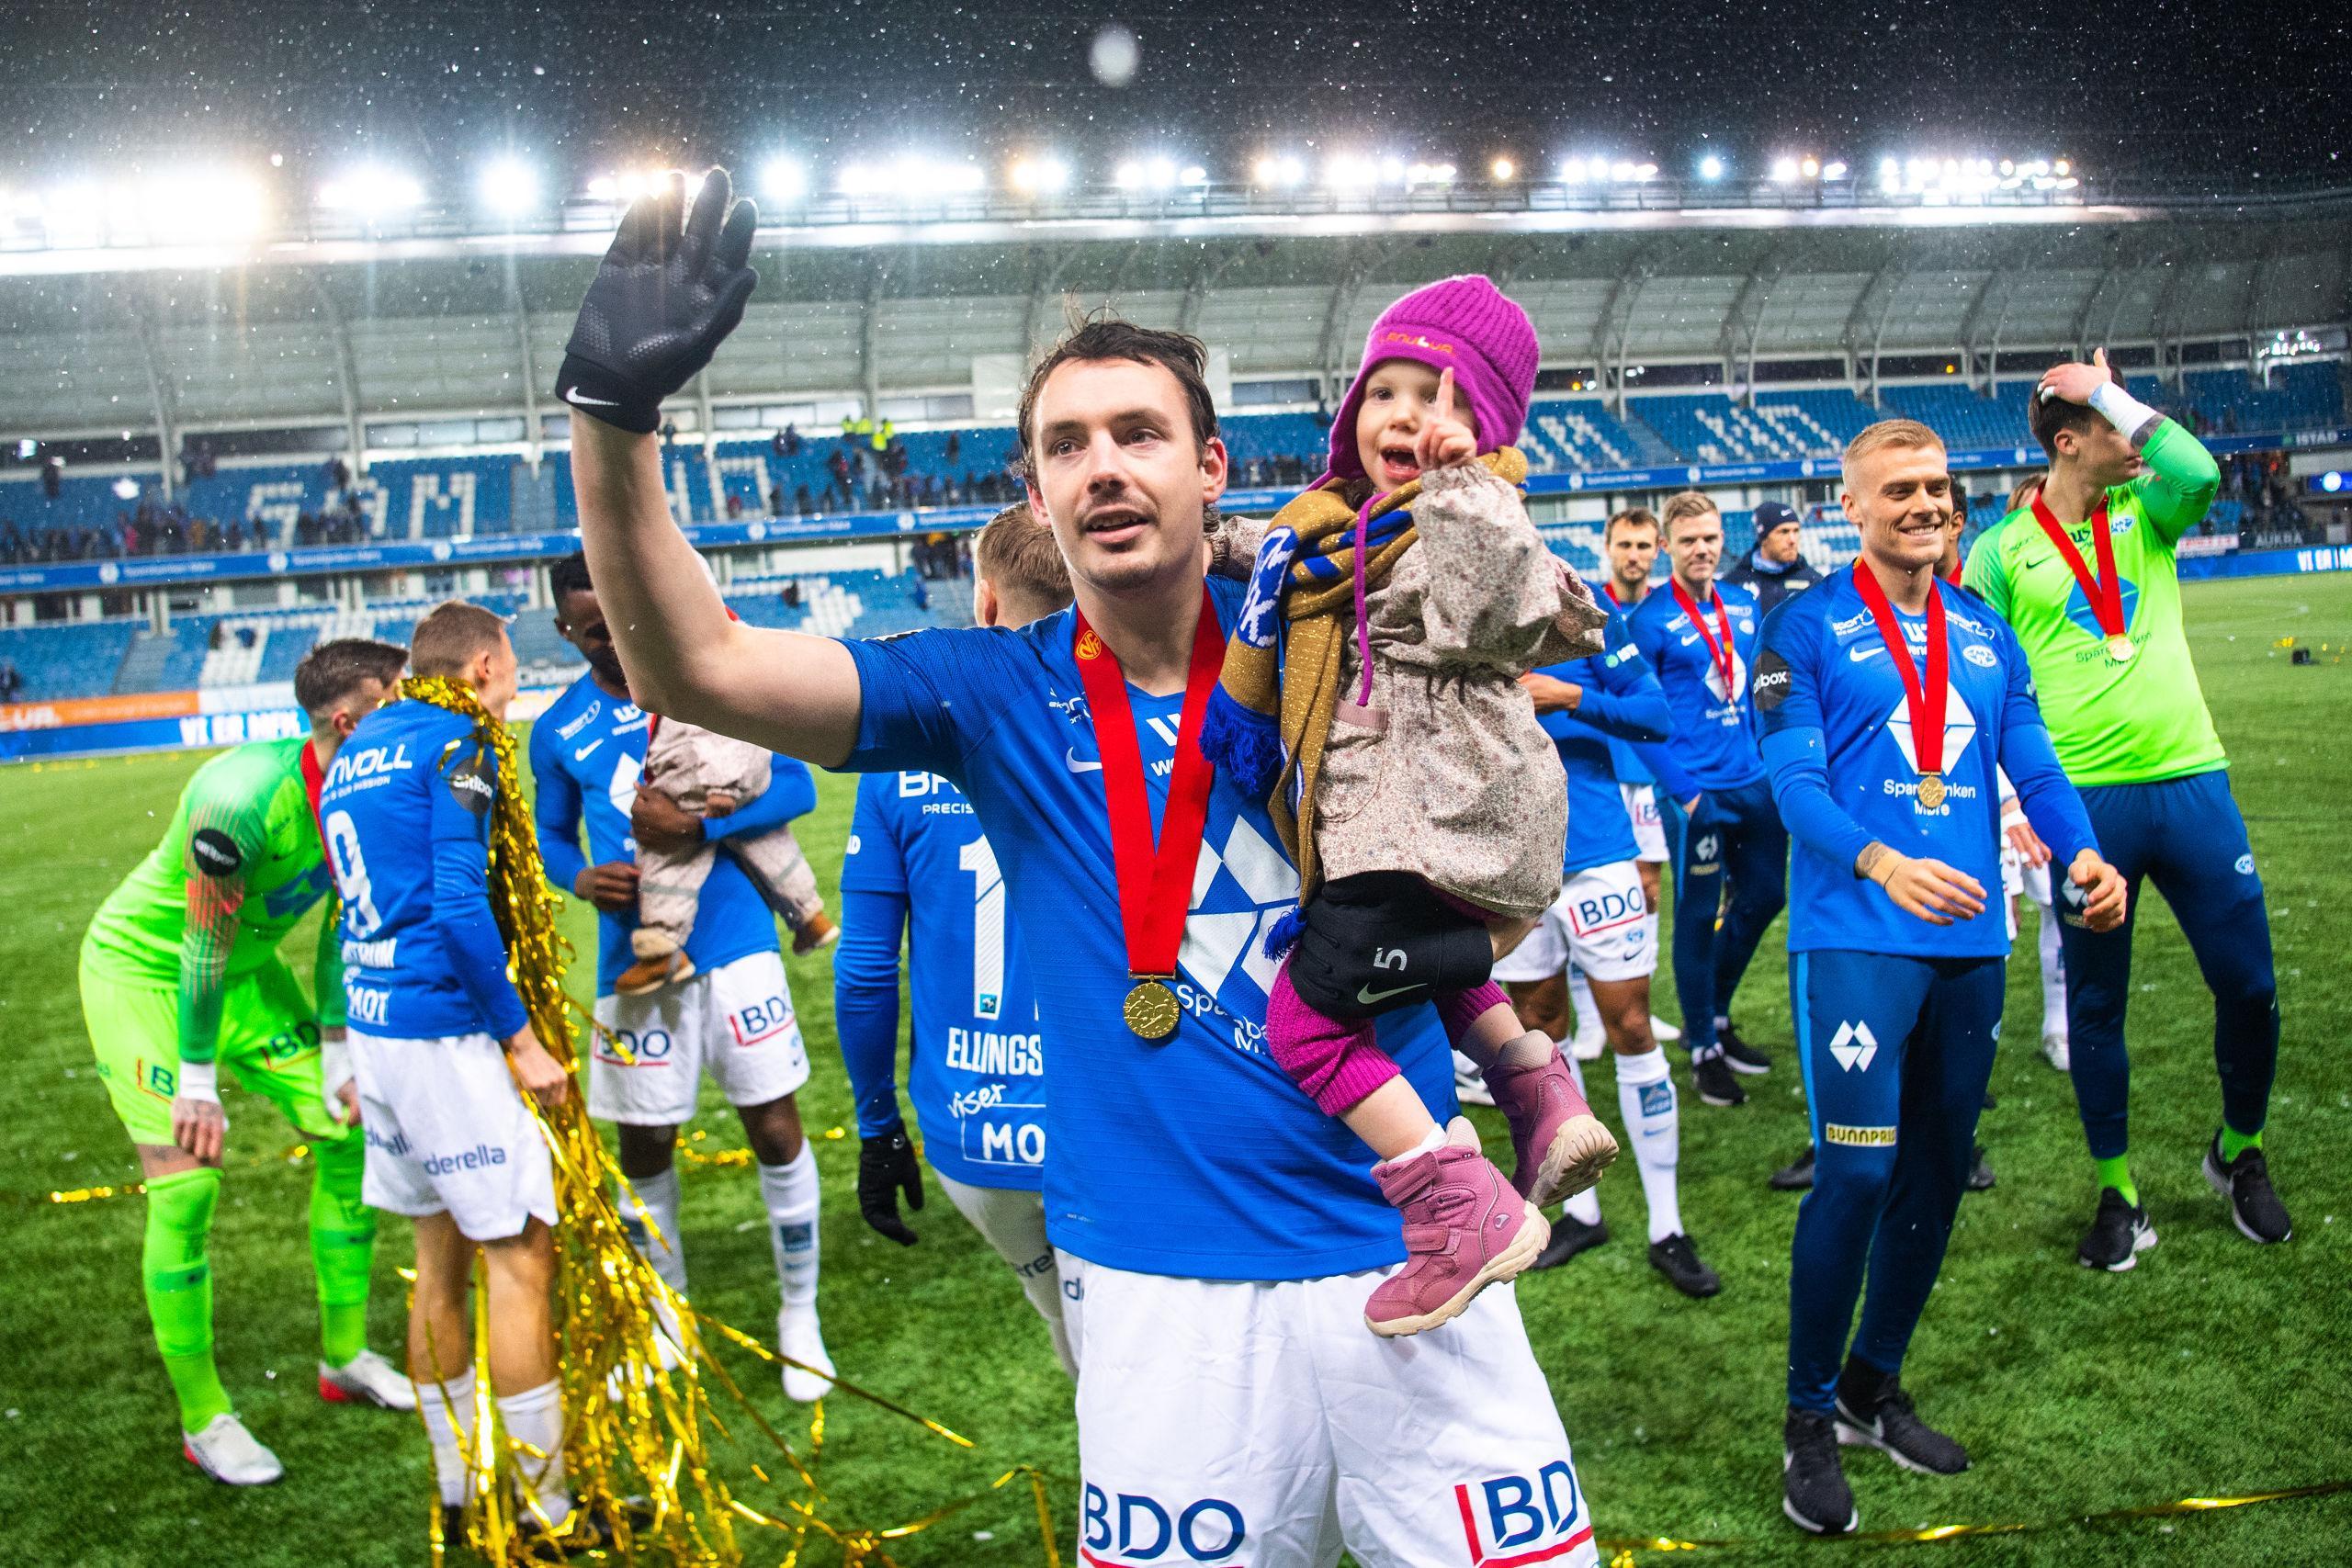 IFK Göteborg uppges erbjudit Vegard Forren kontrakt